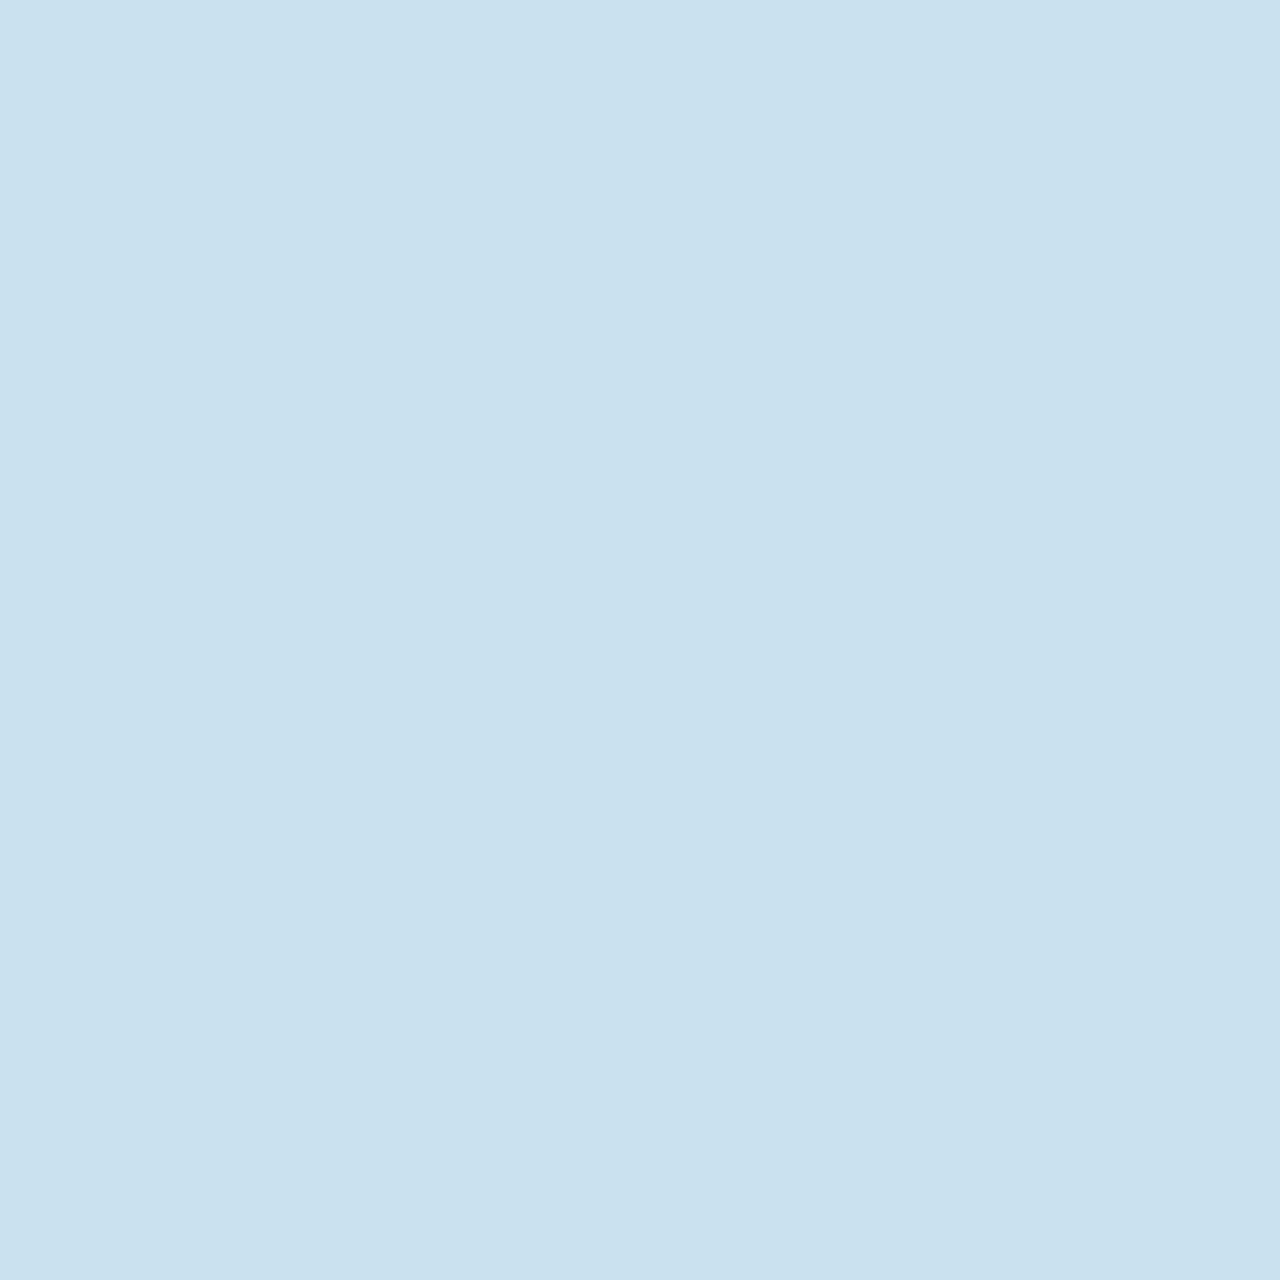 Rosco Cinegel Sheet #3216: Eighth Blue (1/8 CTB), Gels